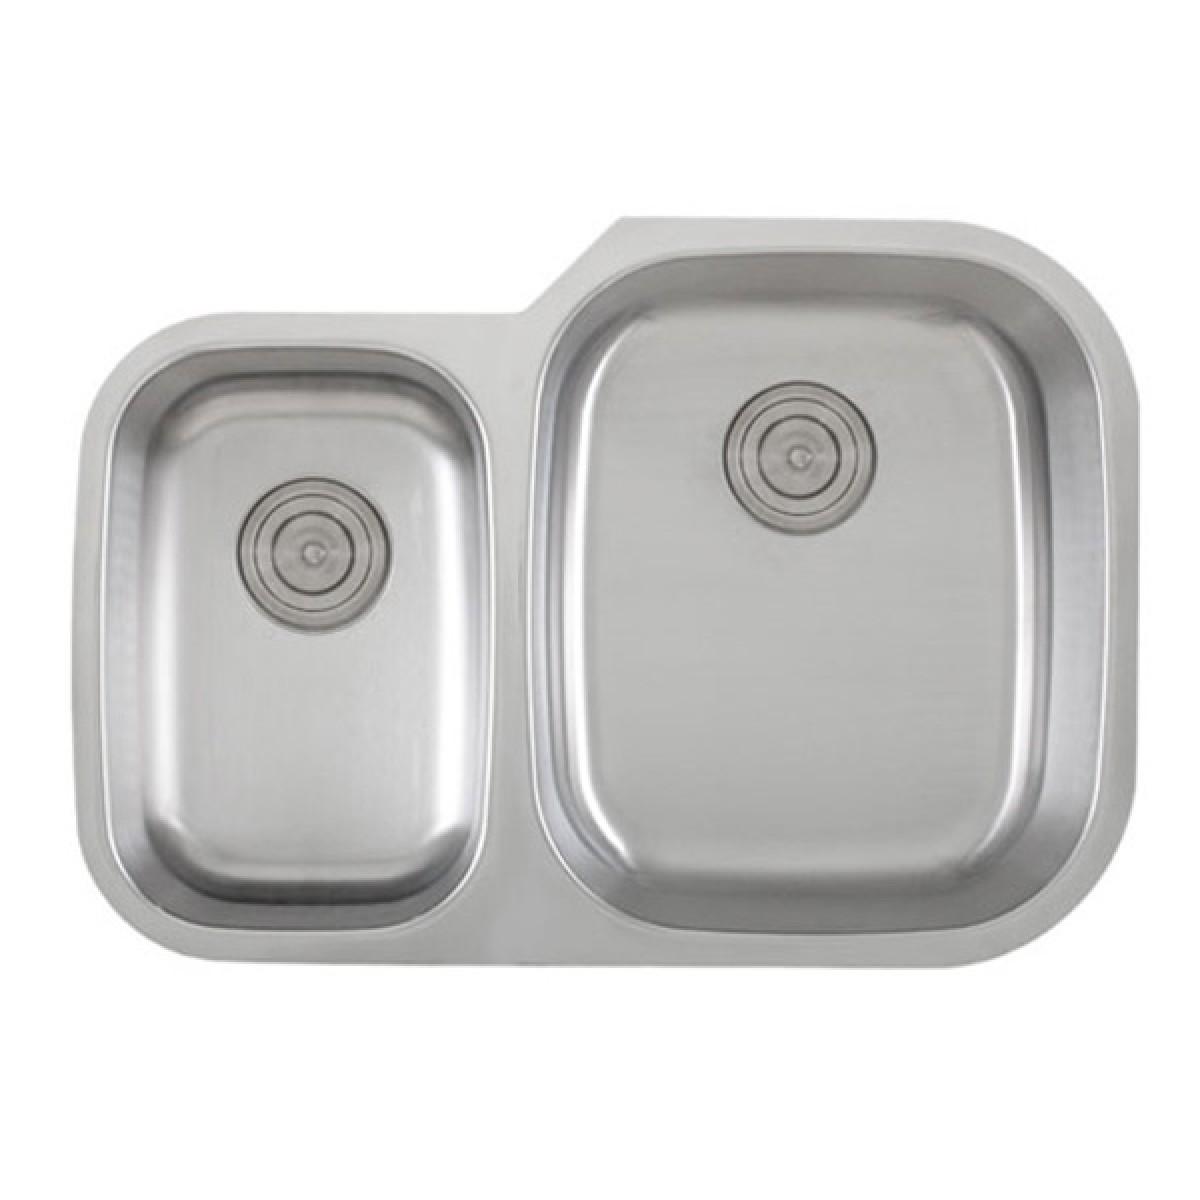 30 inch undermount kitchen sink stain steel 30 inch stainless steel undermount 4060 double bowl kitchen sink 18 gauge